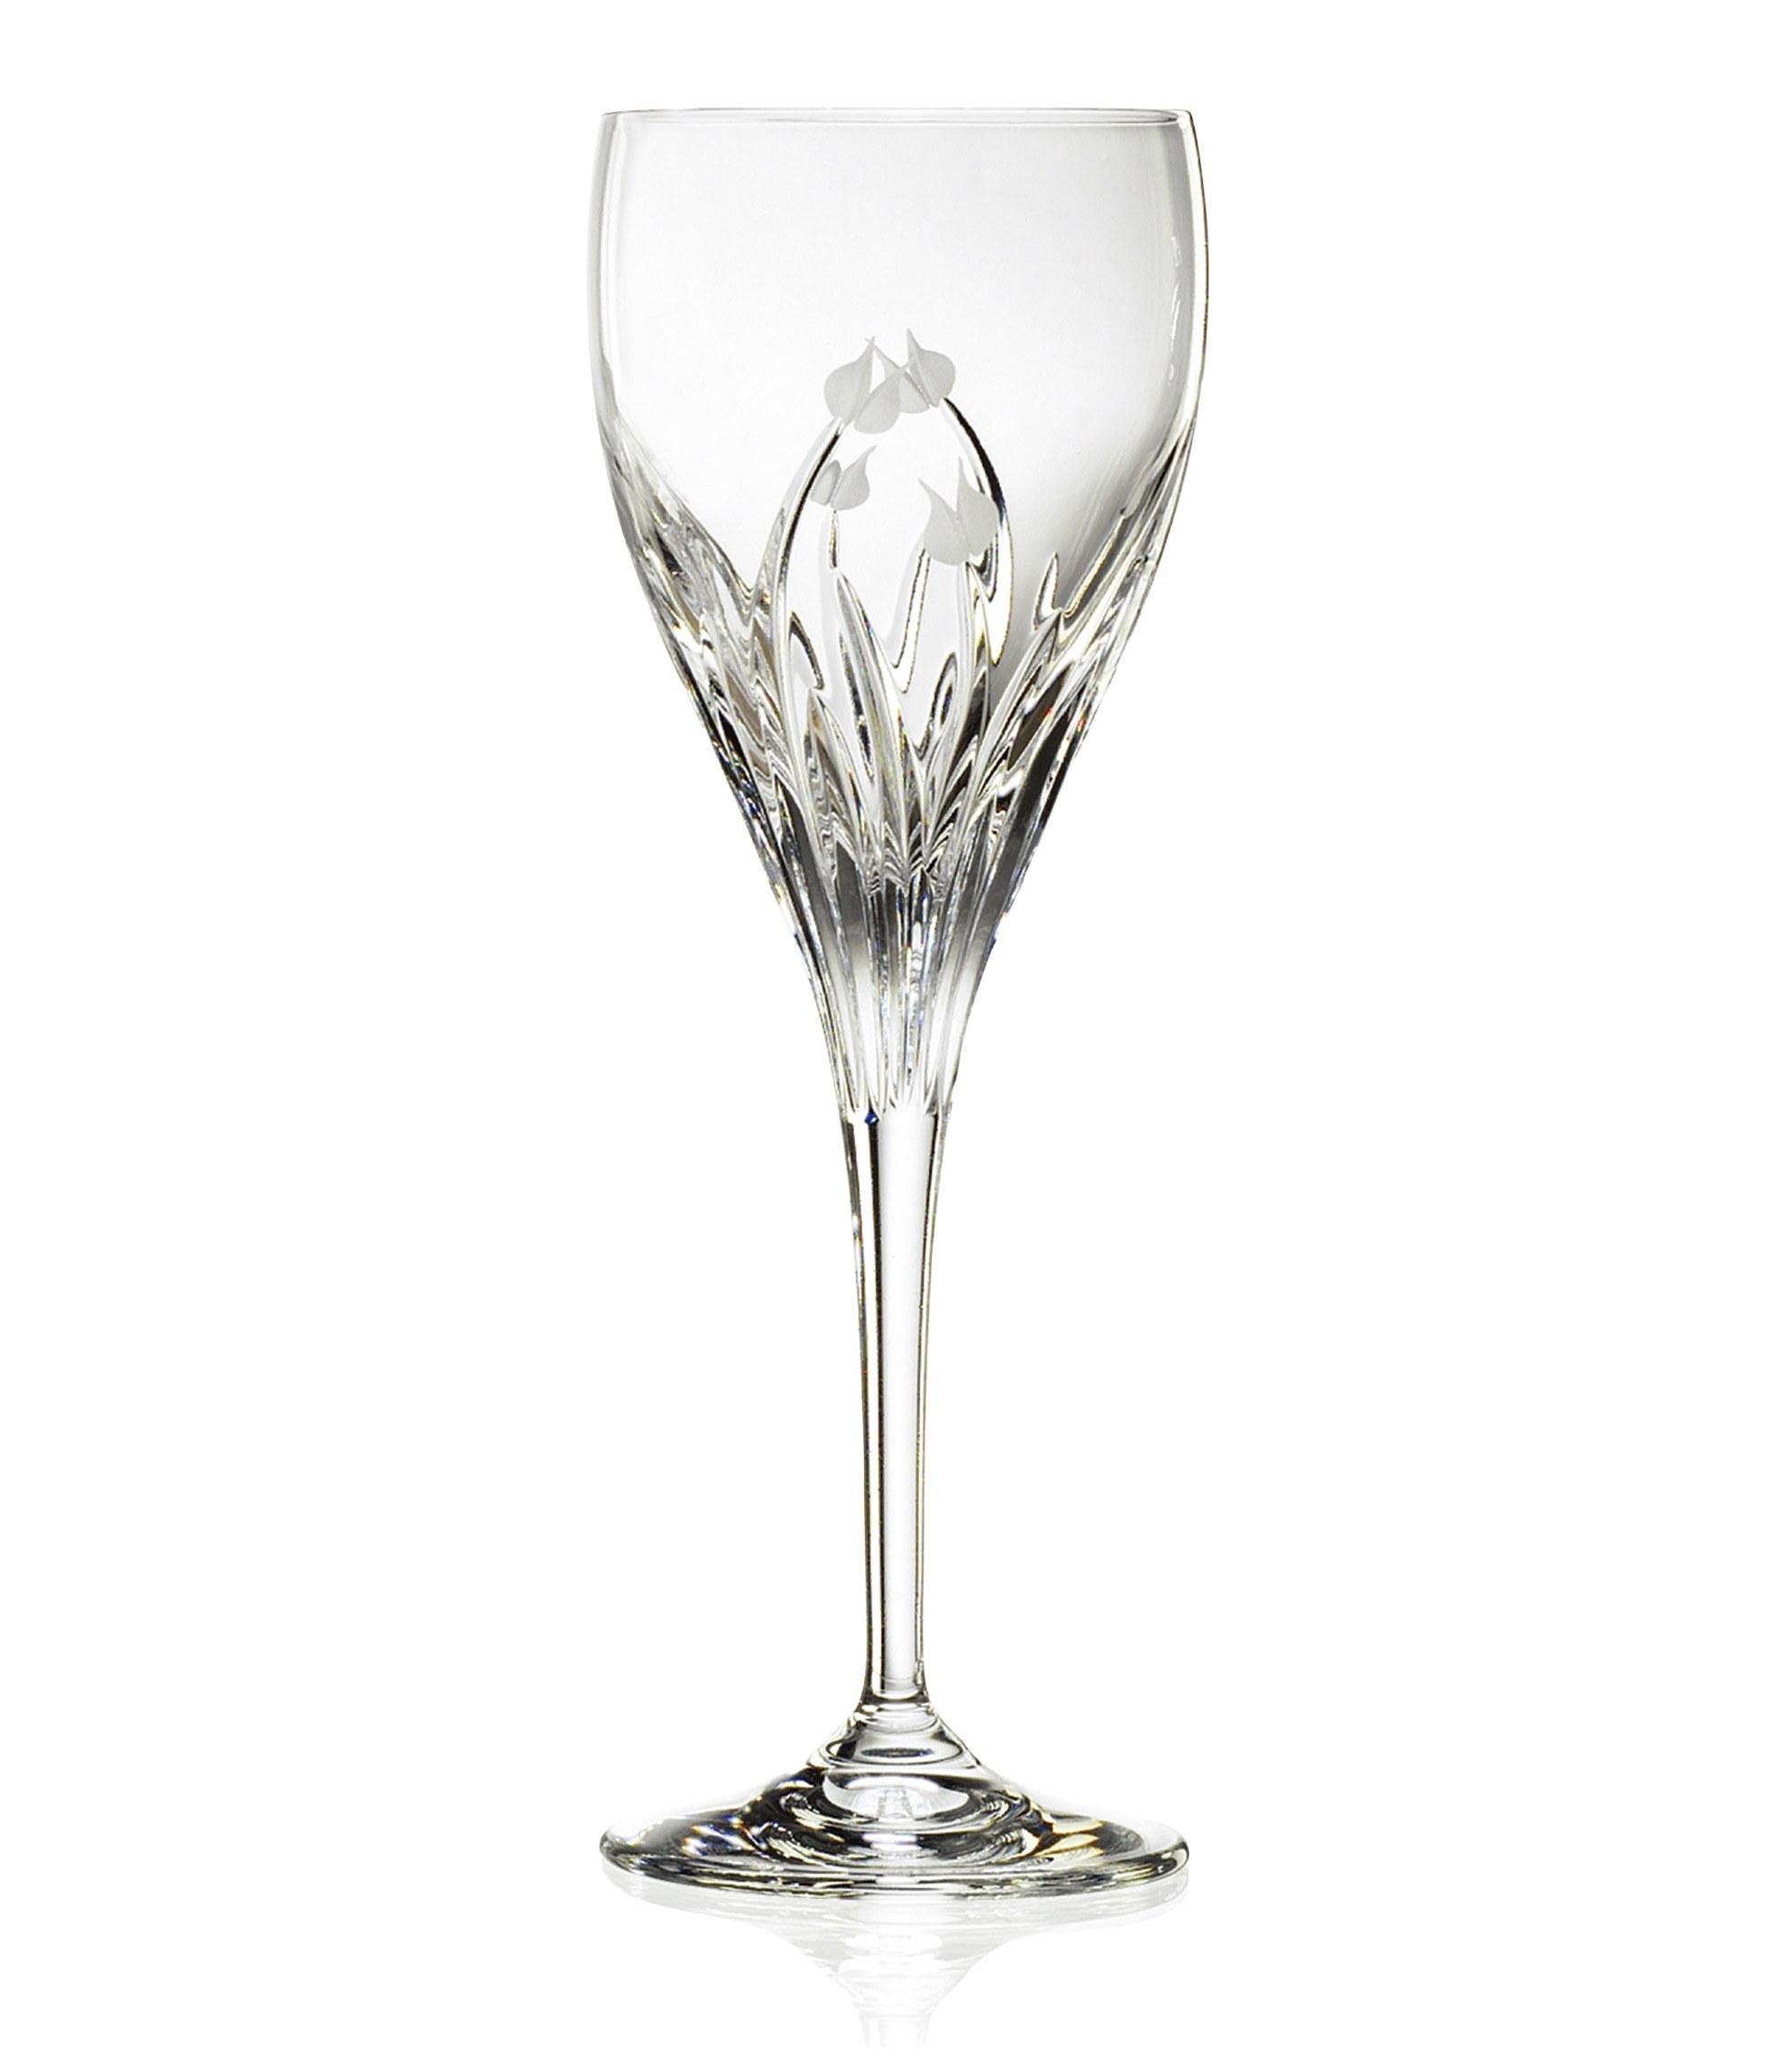 针对新酒的品尝,能够增加葡萄酒与空气接触的面积